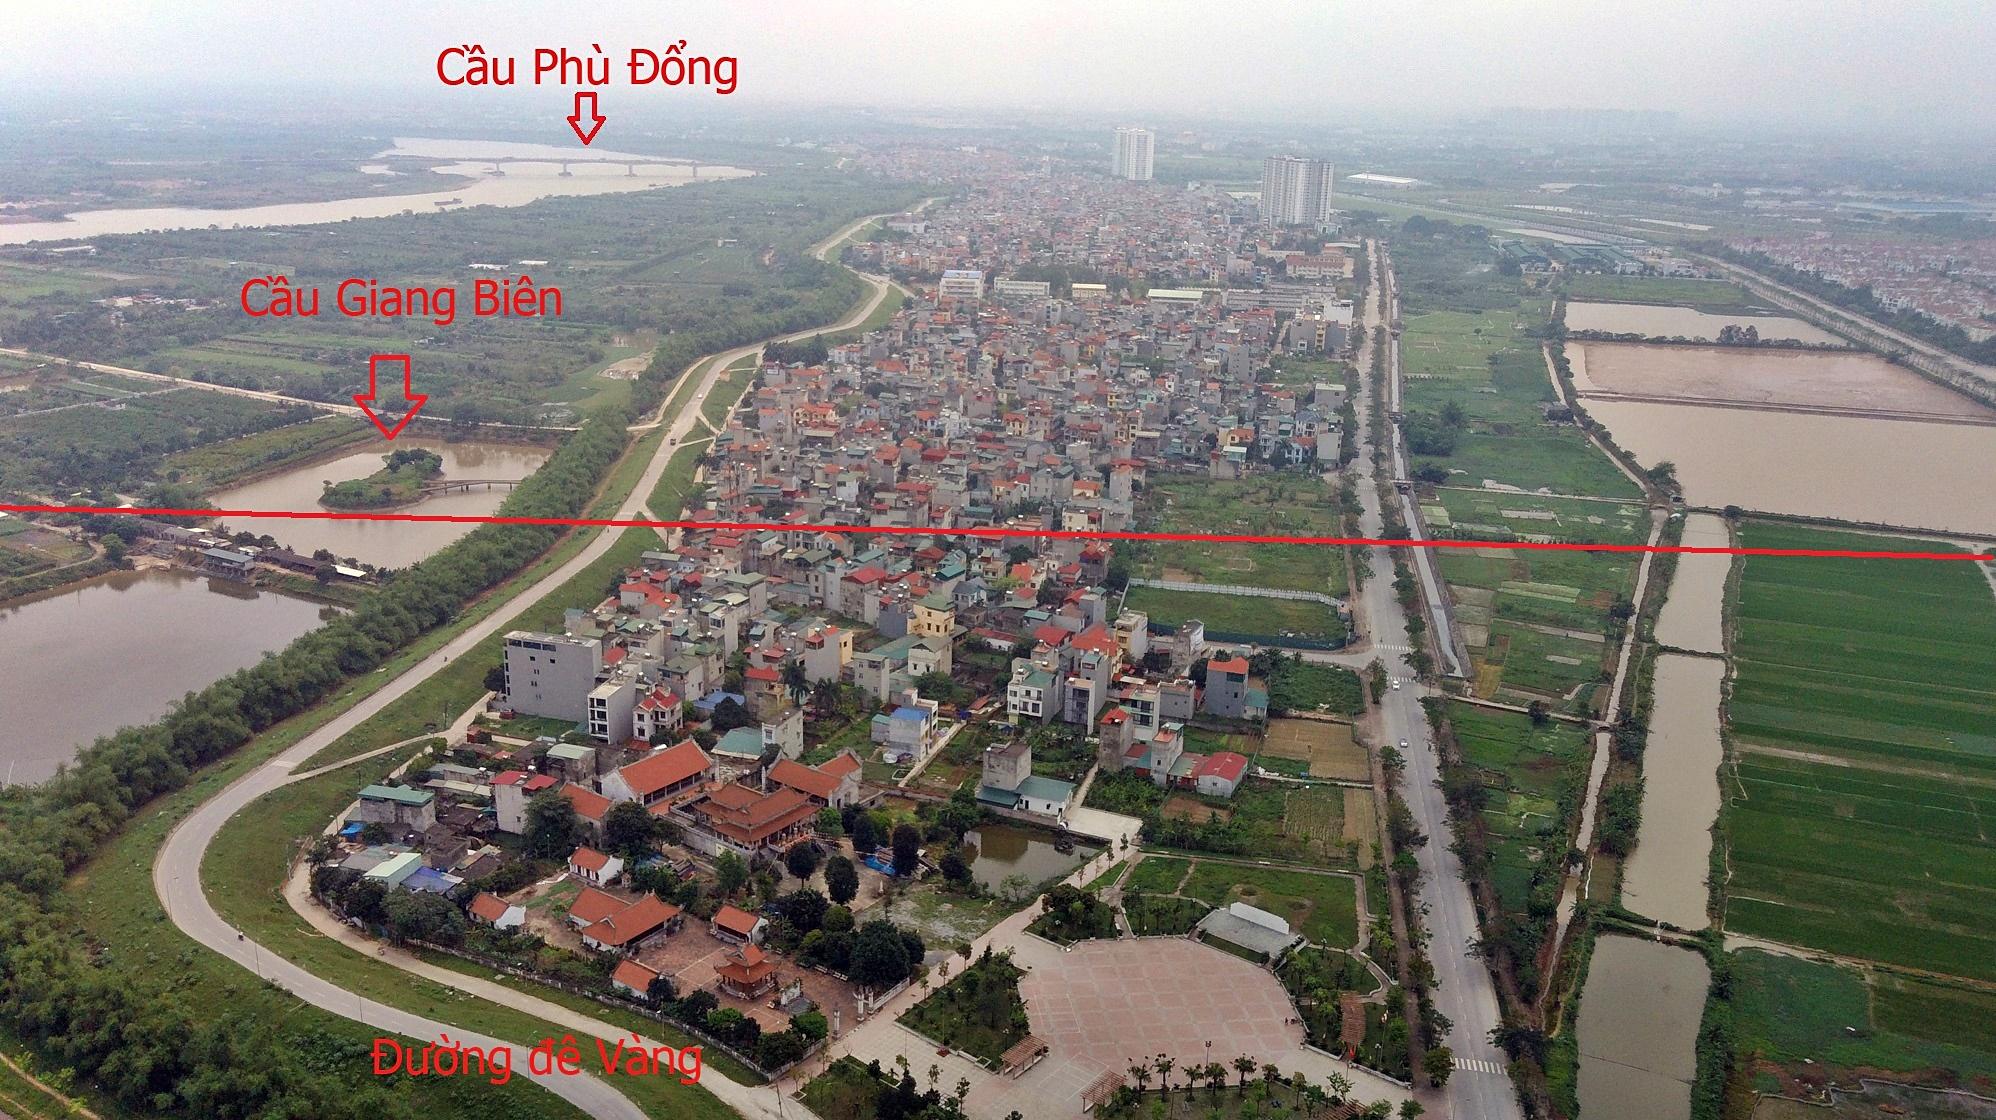 Cầu sẽ mở theo qui hoạch ở Hà Nội: Toành cảnh vị trí làm cầu Giang Biên - Ảnh 5.